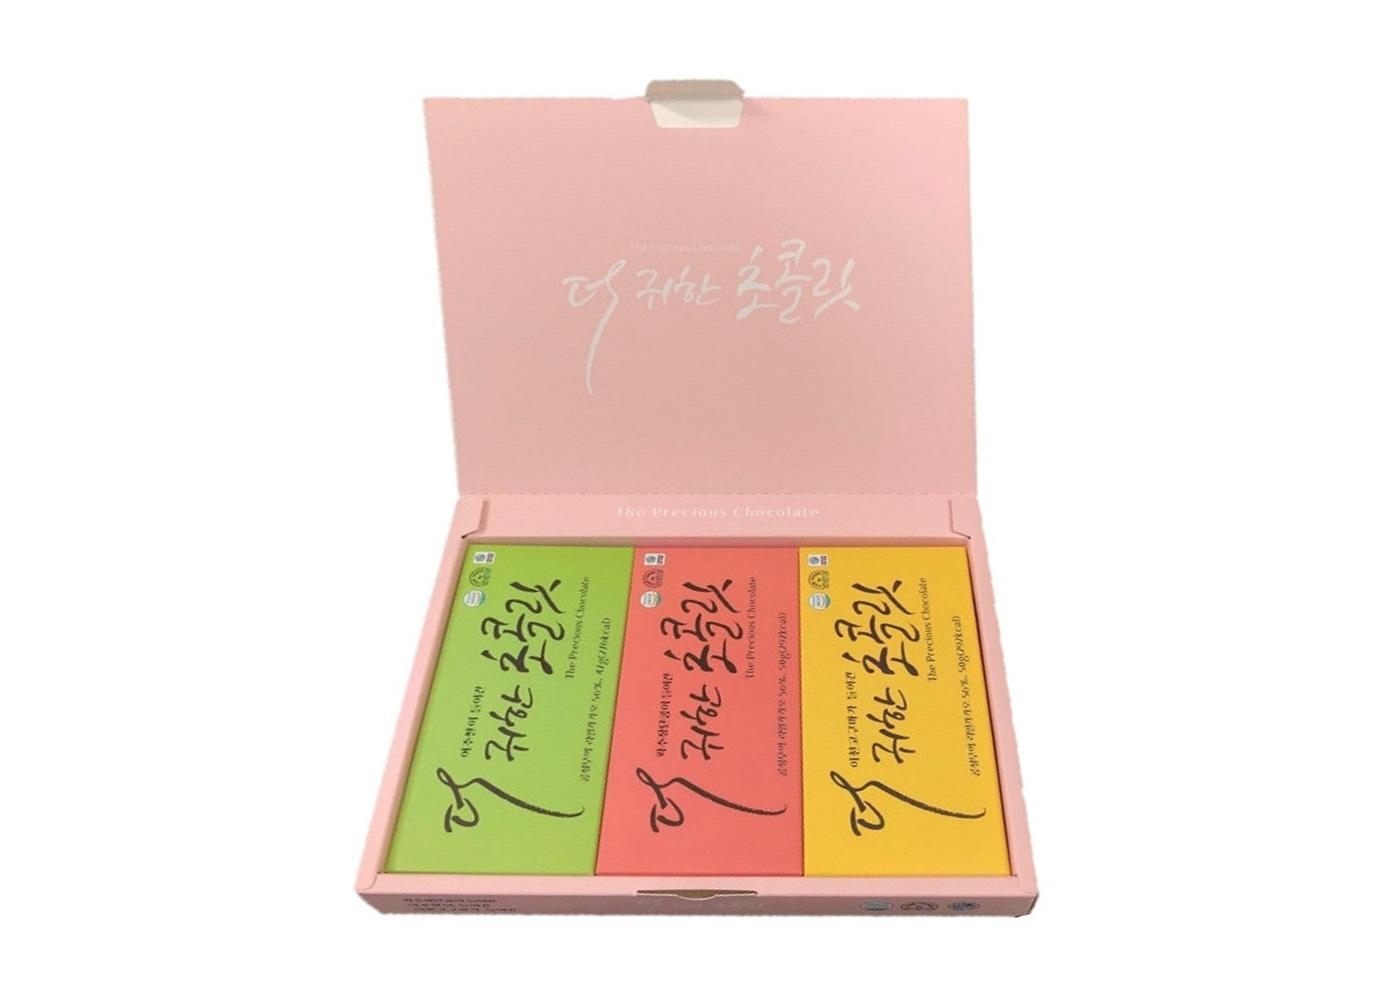 고구마/쌀/콩 3가지 맛 리얼 카카오 초콜릿 세트 상세이미지1